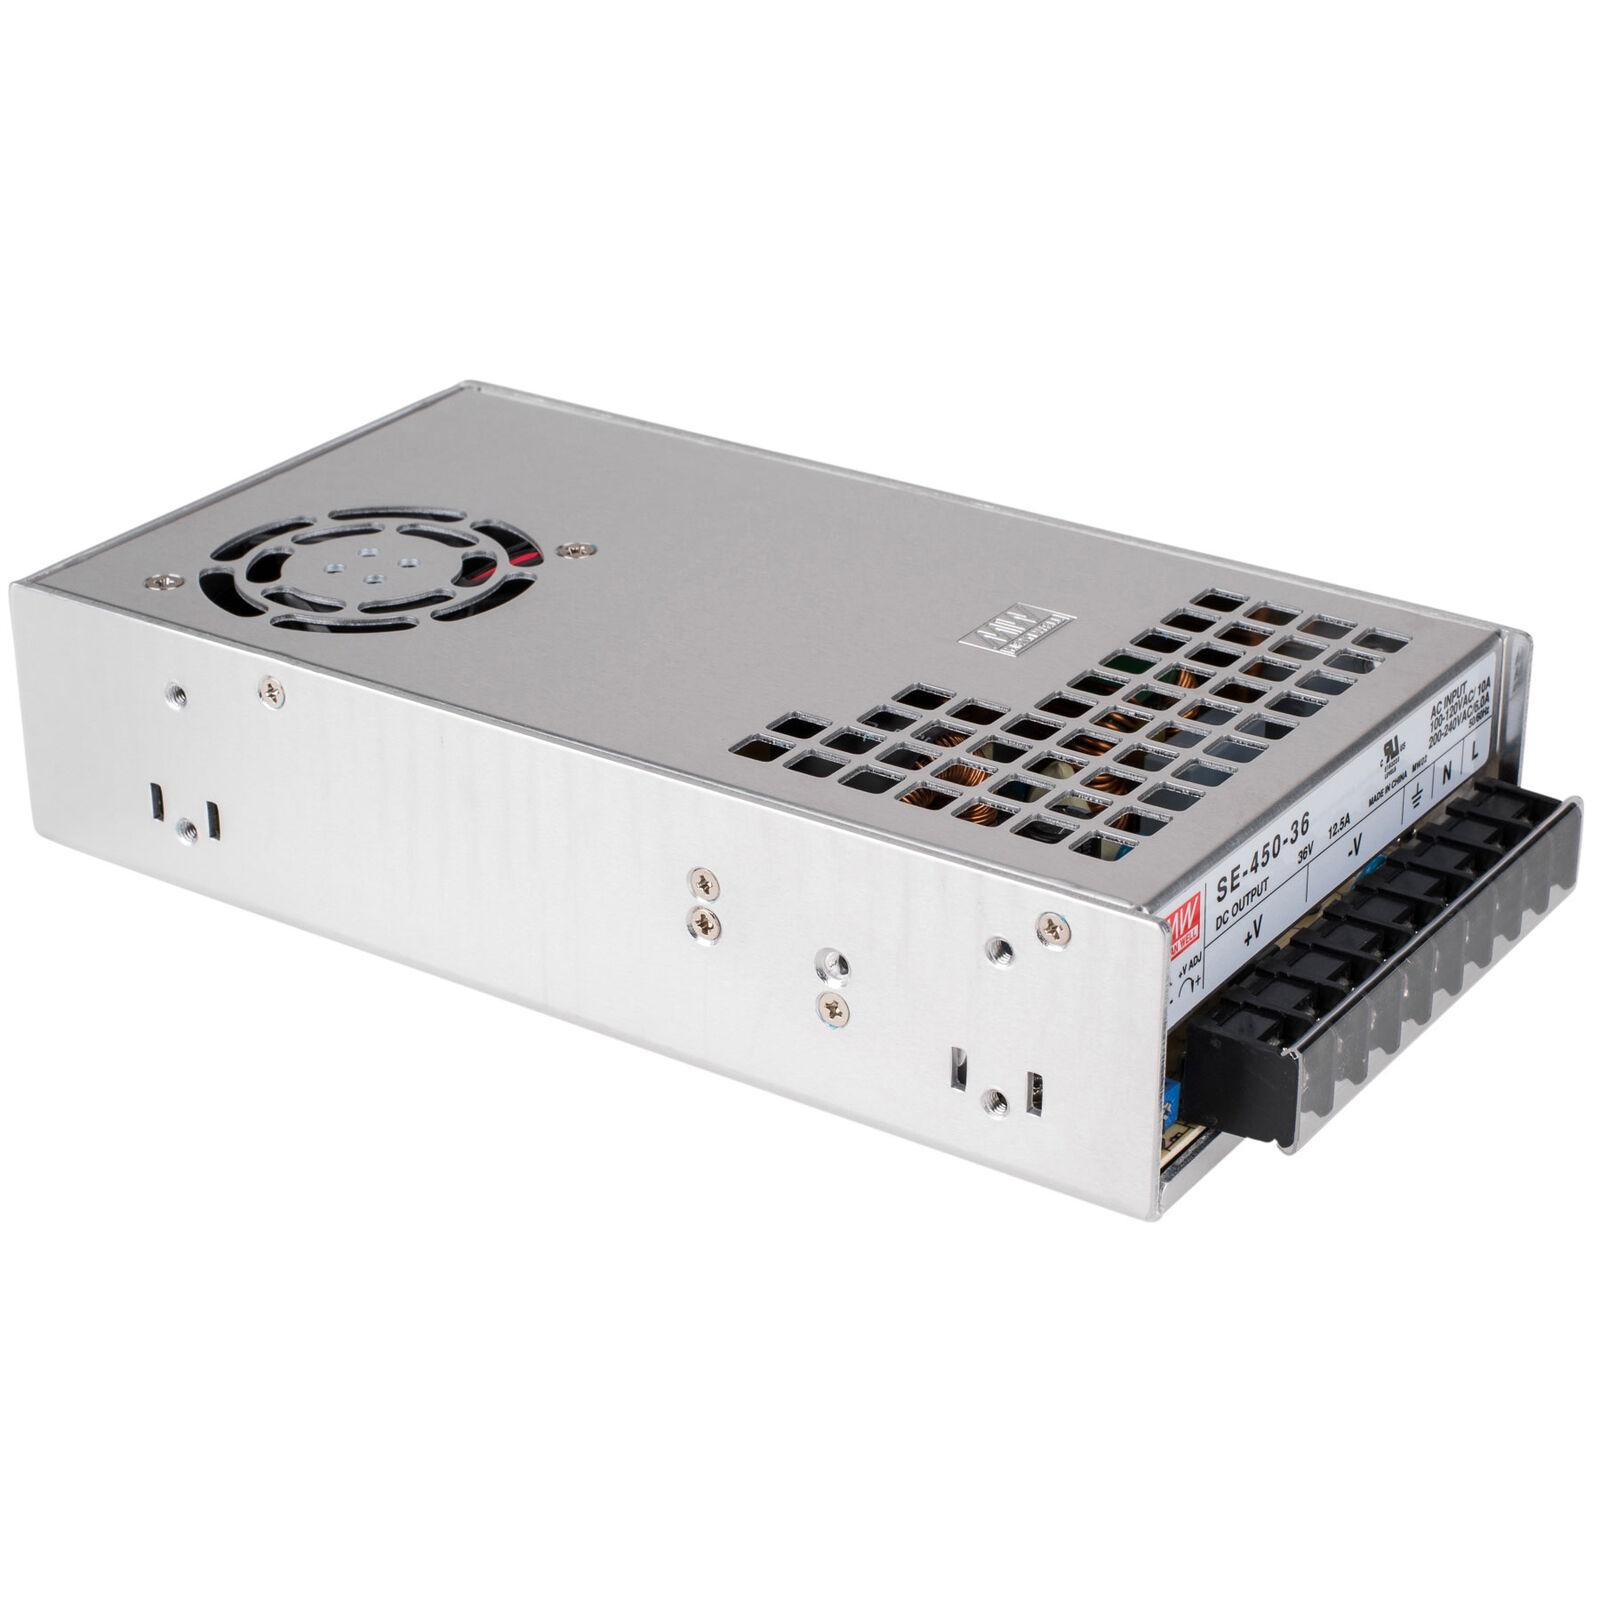 Bien MW SE-450-36 36 V 12.5 A Mean Mean Mean 450 W AC fuente de alimentación de conmutación de taza profunda  venta